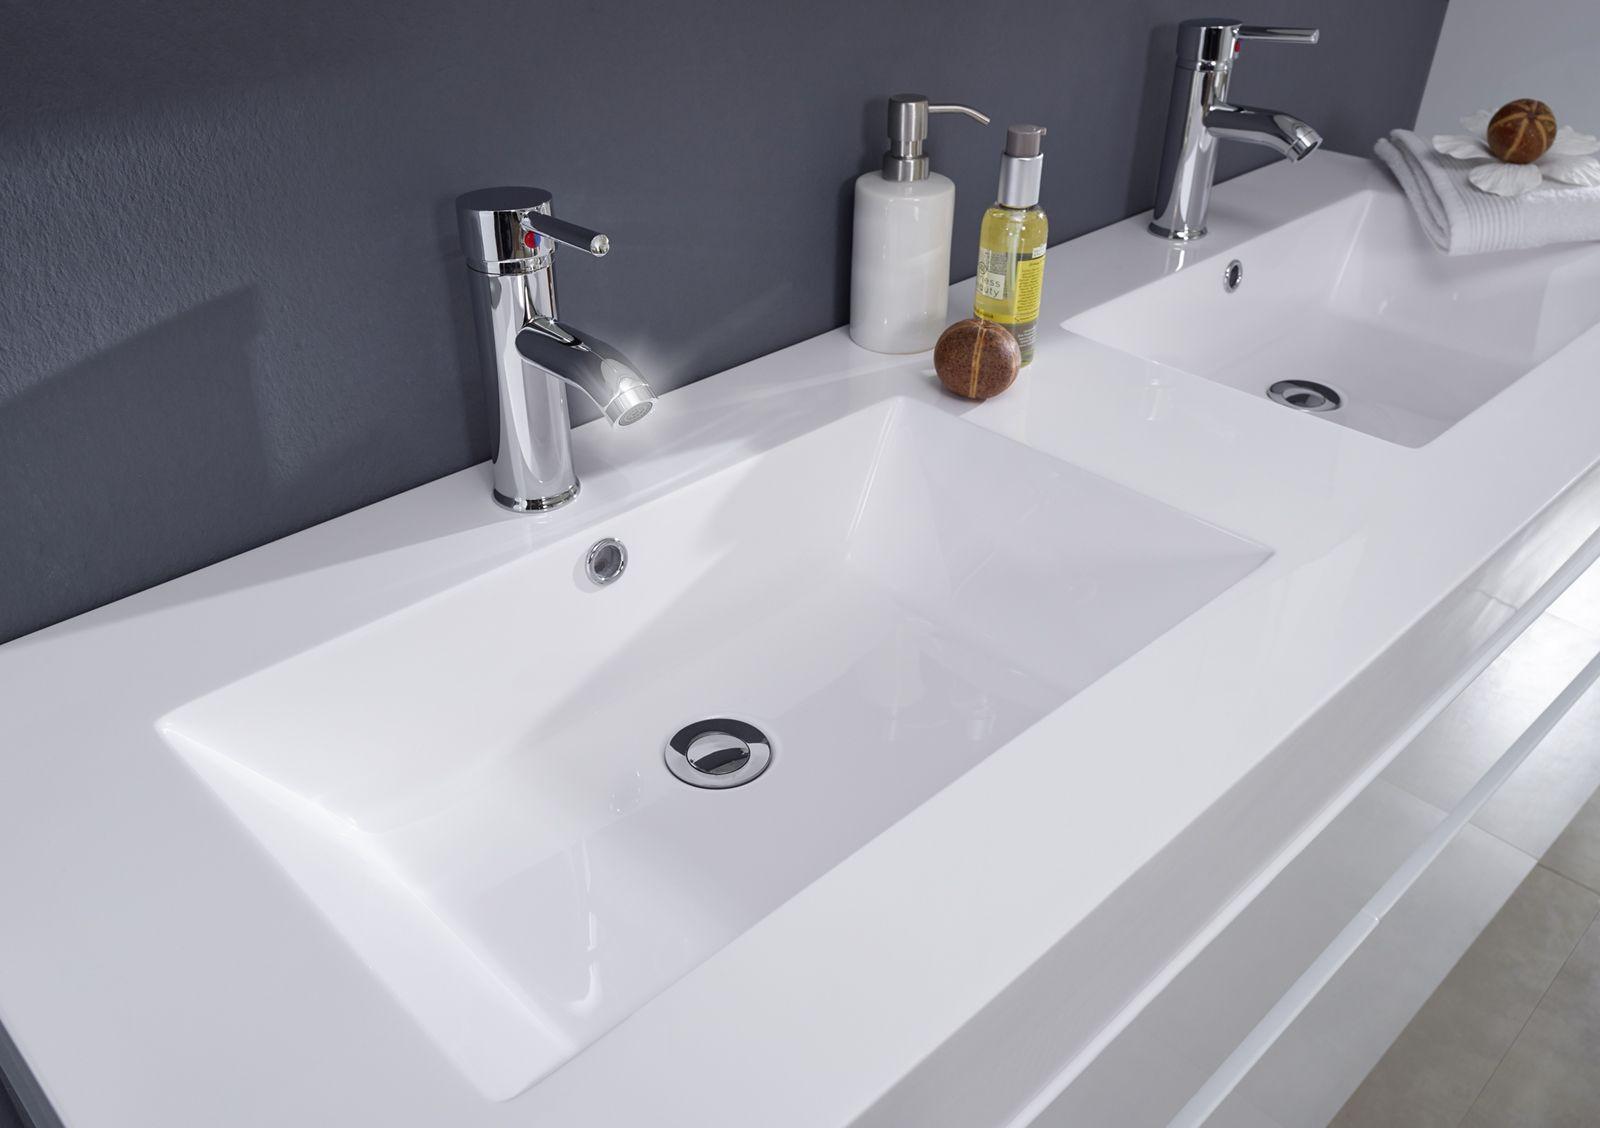 Raumfliesen neues design badmöbelset prometheus  teile hochglanz weiß  bad  bad  pinterest